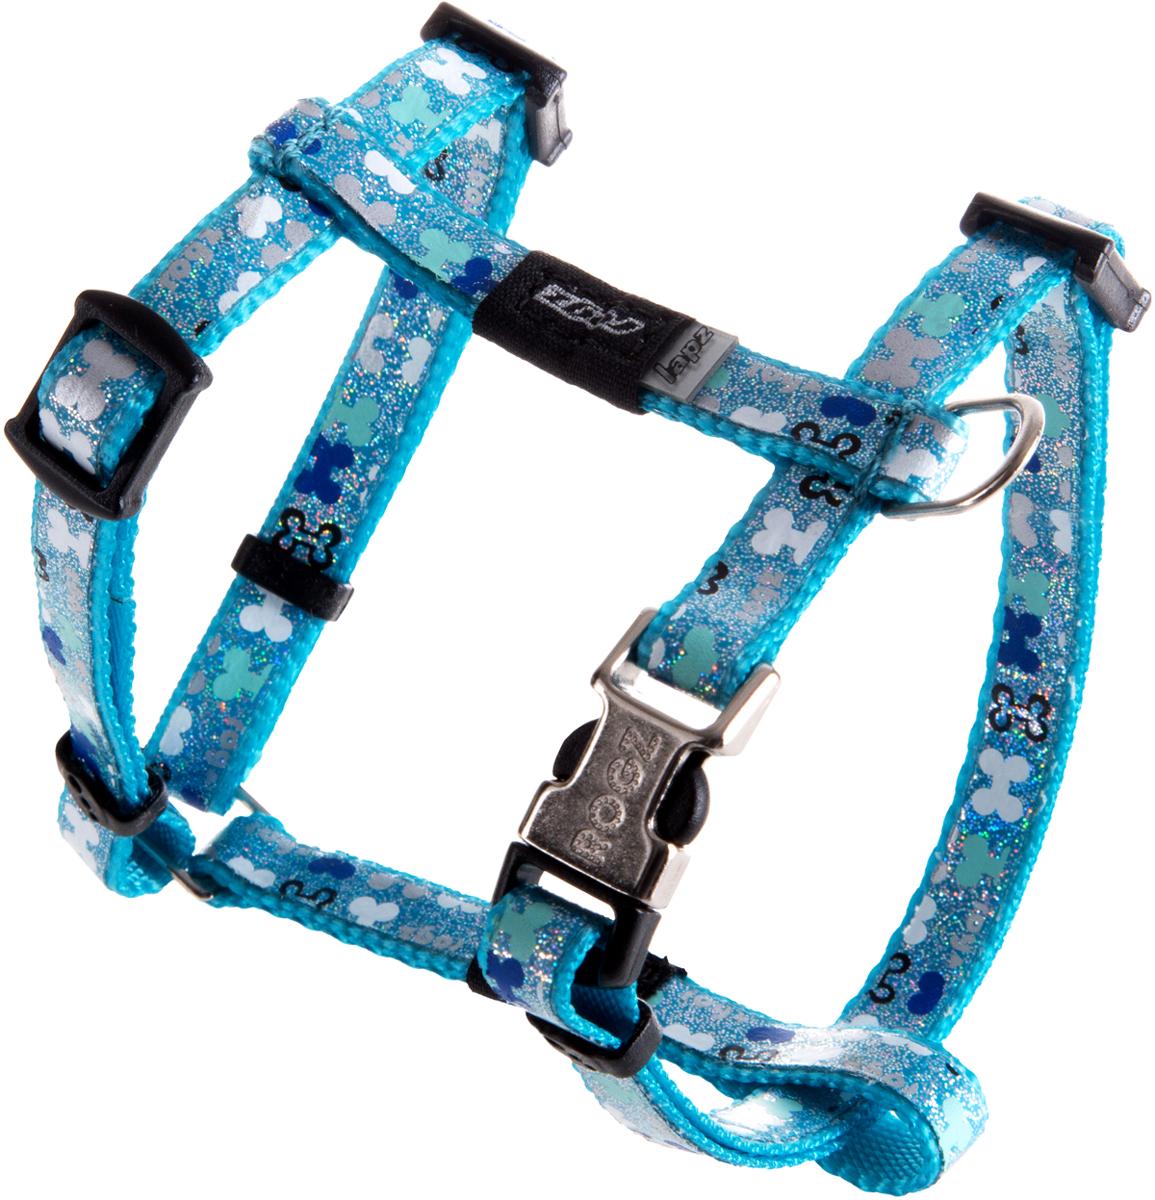 Шлейка для собак Rogz  Trendy , цвет: голубой, ширина 0,8 см. Размер XS